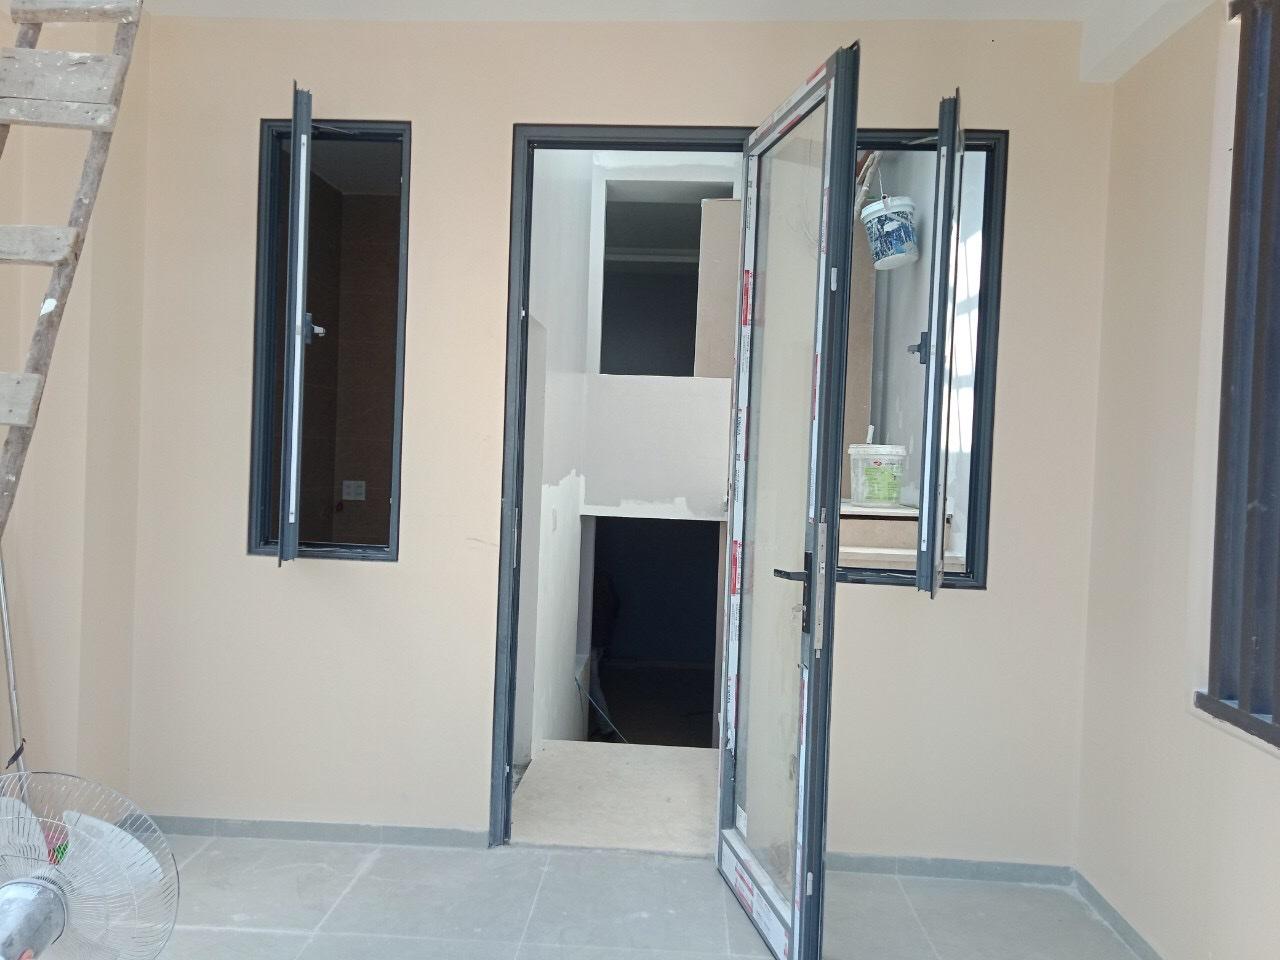 Cánh cửa đi mở quay có thể gập 180 độ